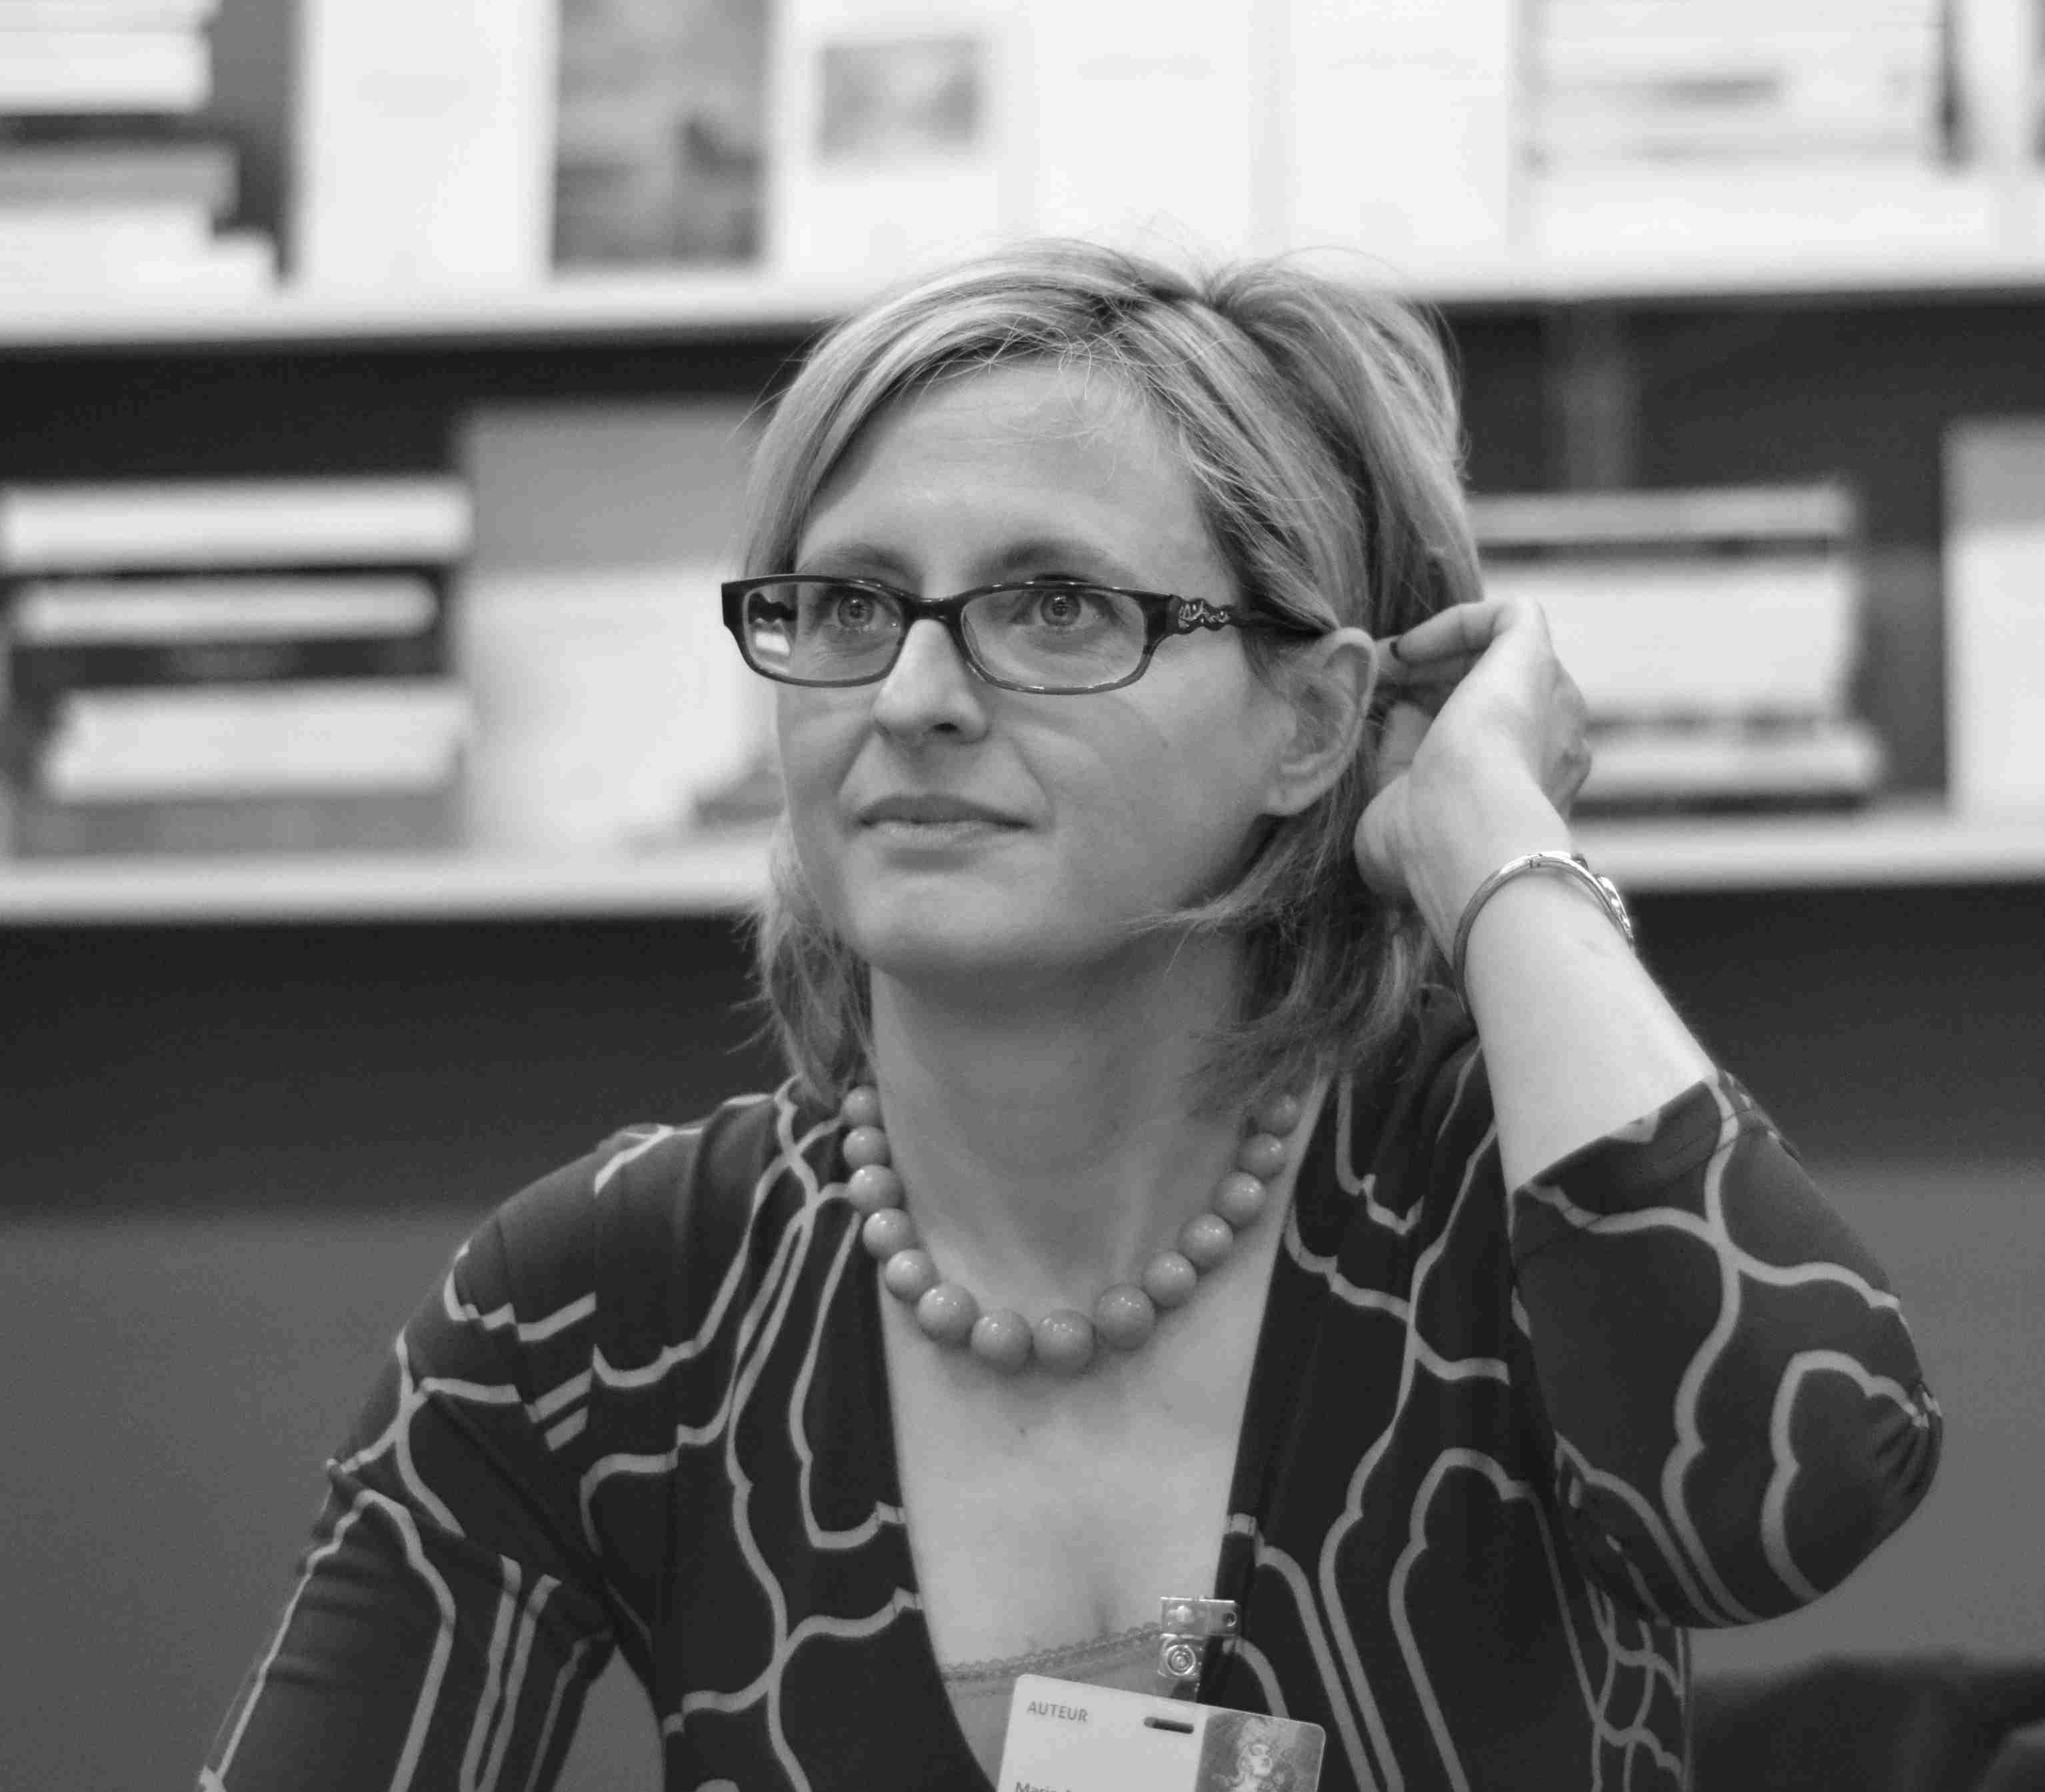 Marie-Isabelle Tasset